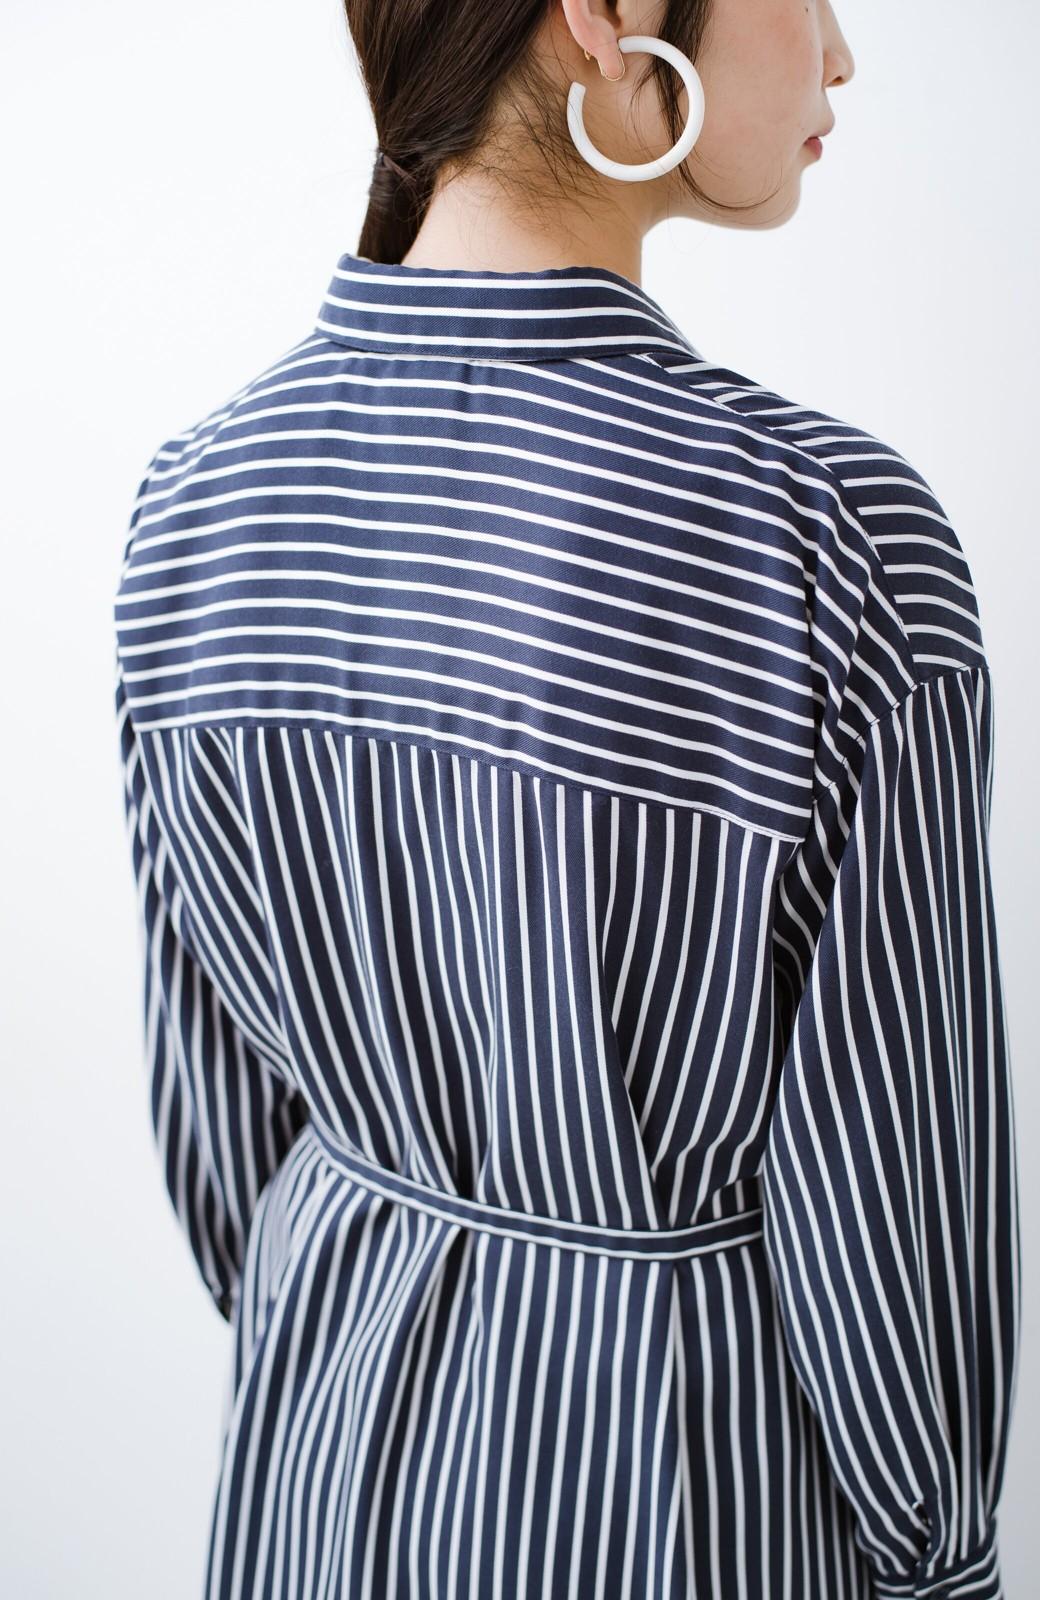 haco! 長ーーい季節着られる! 単品づかいはもちろん重ね着も楽しいシャツワンピース  <ネイビー>の商品写真5